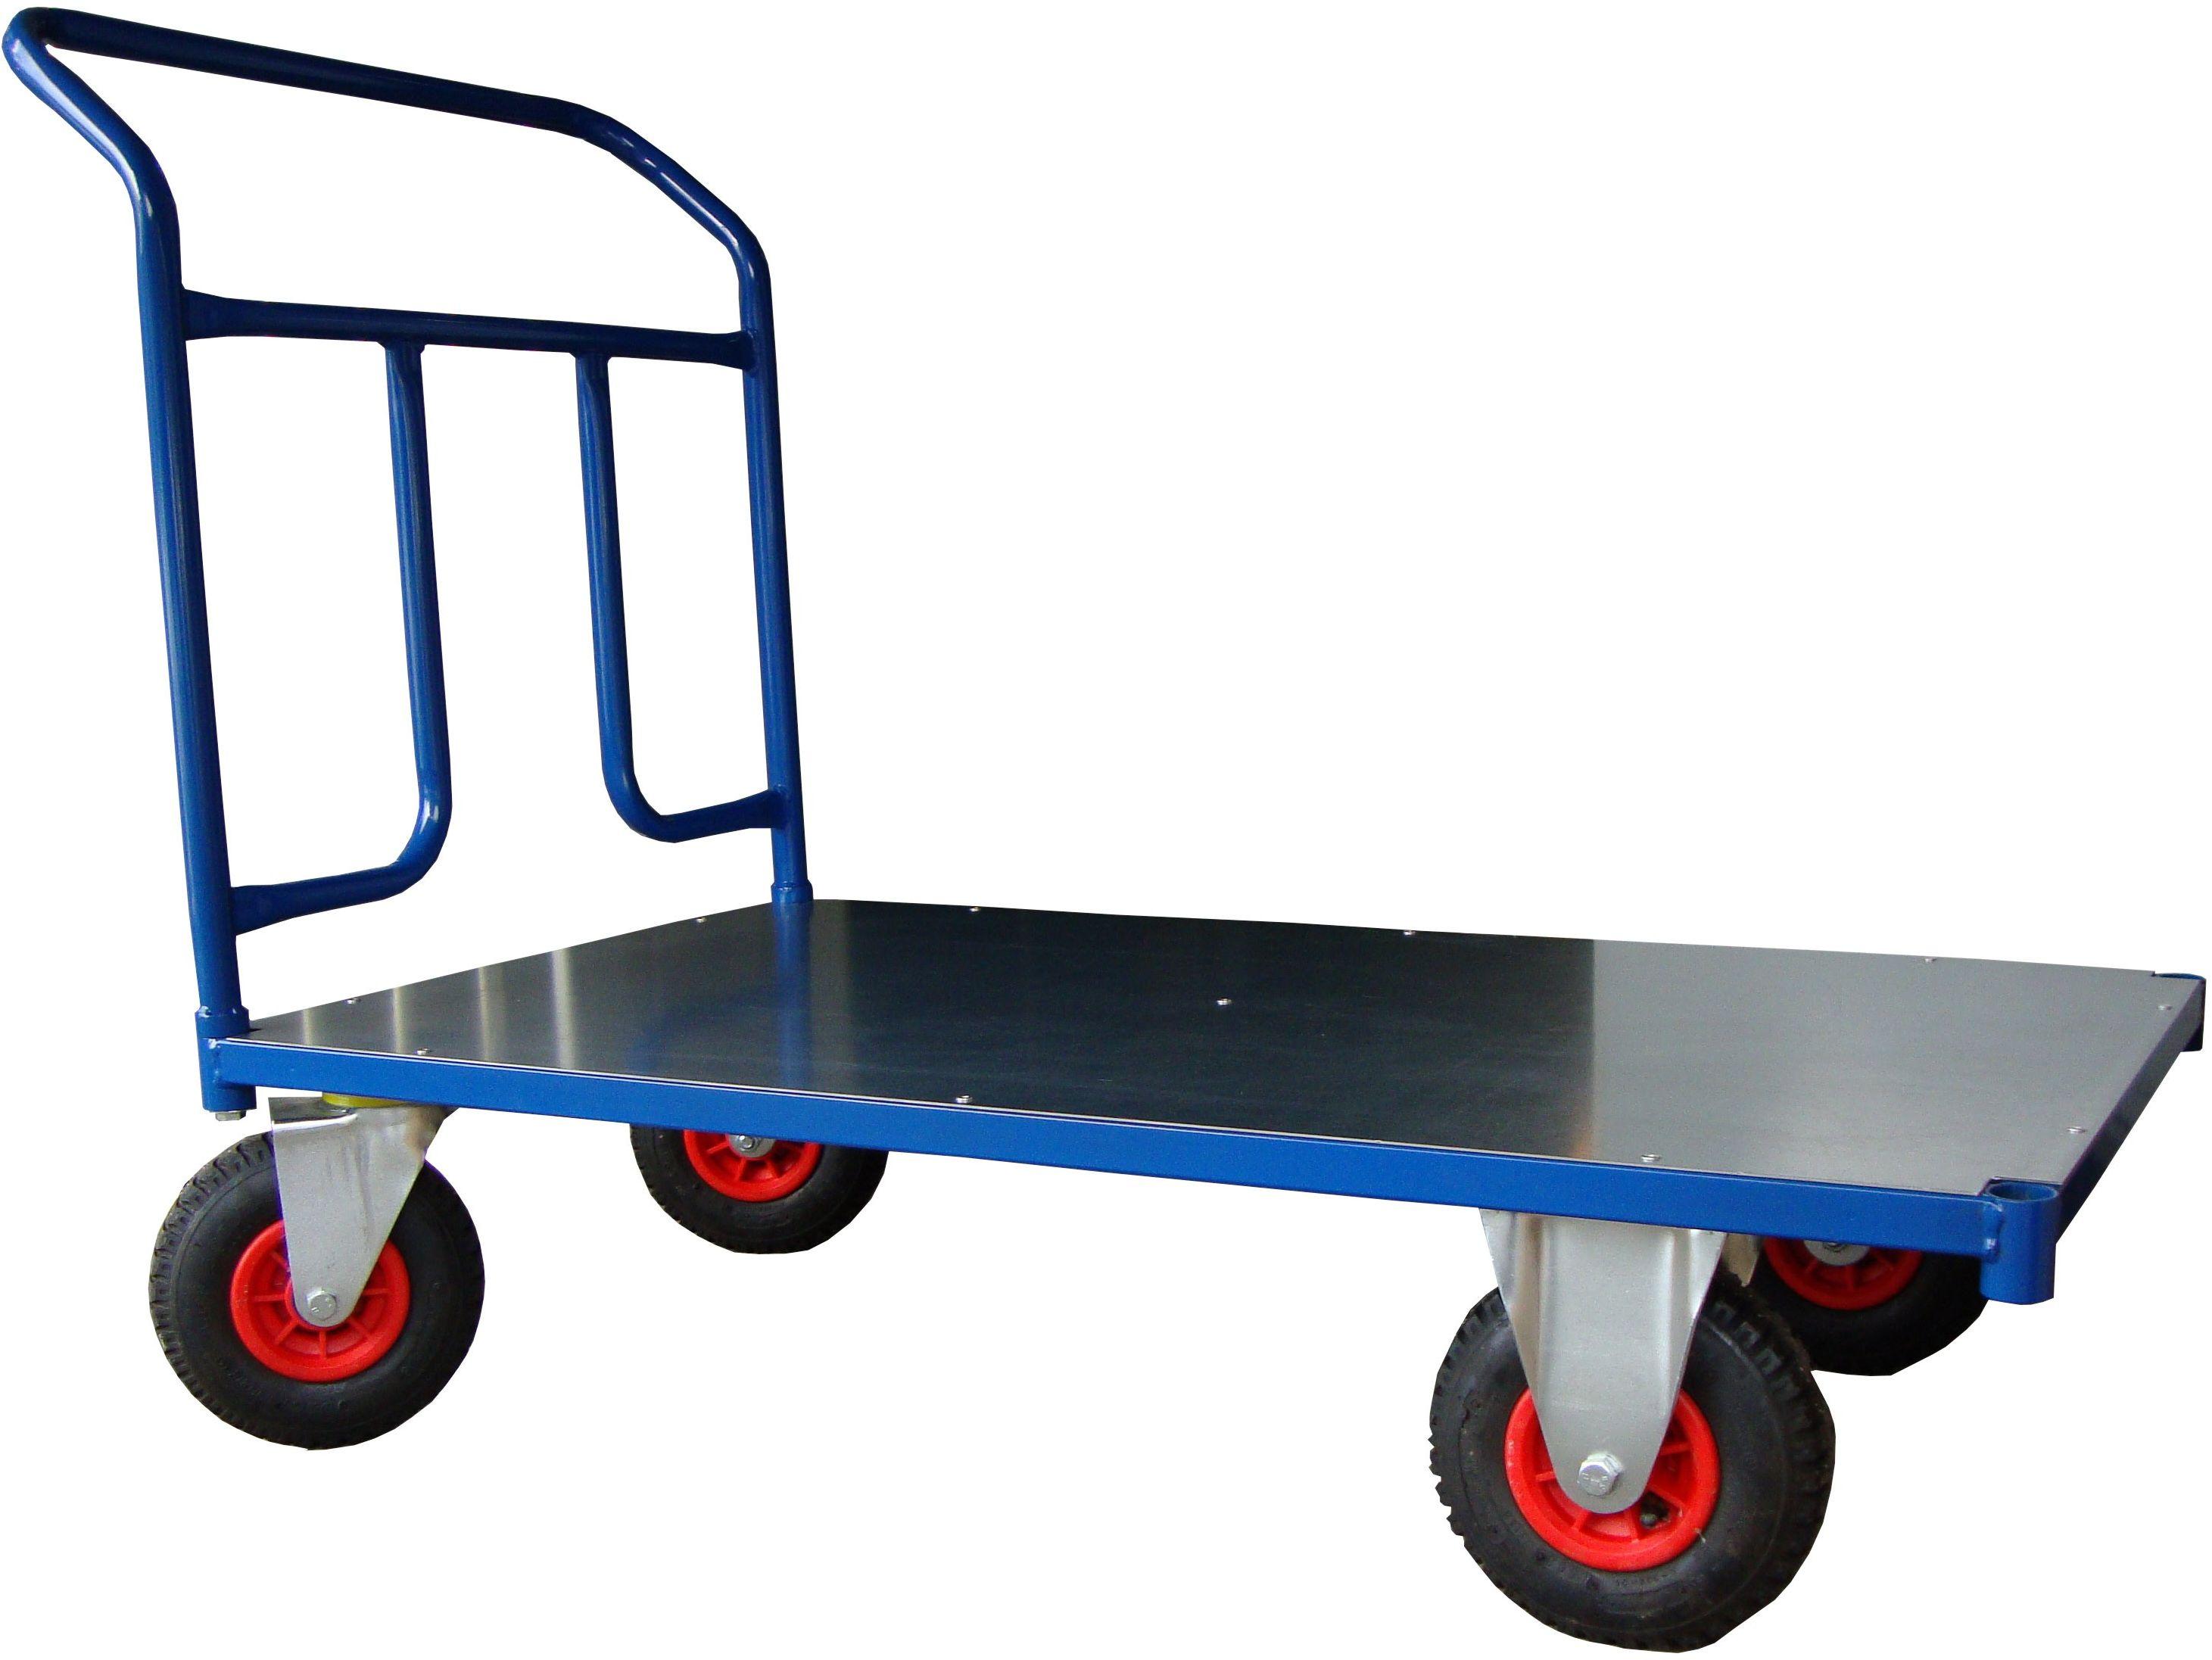 Wózek platformowy magazynowy, poręcz przykręcana, 250 kg